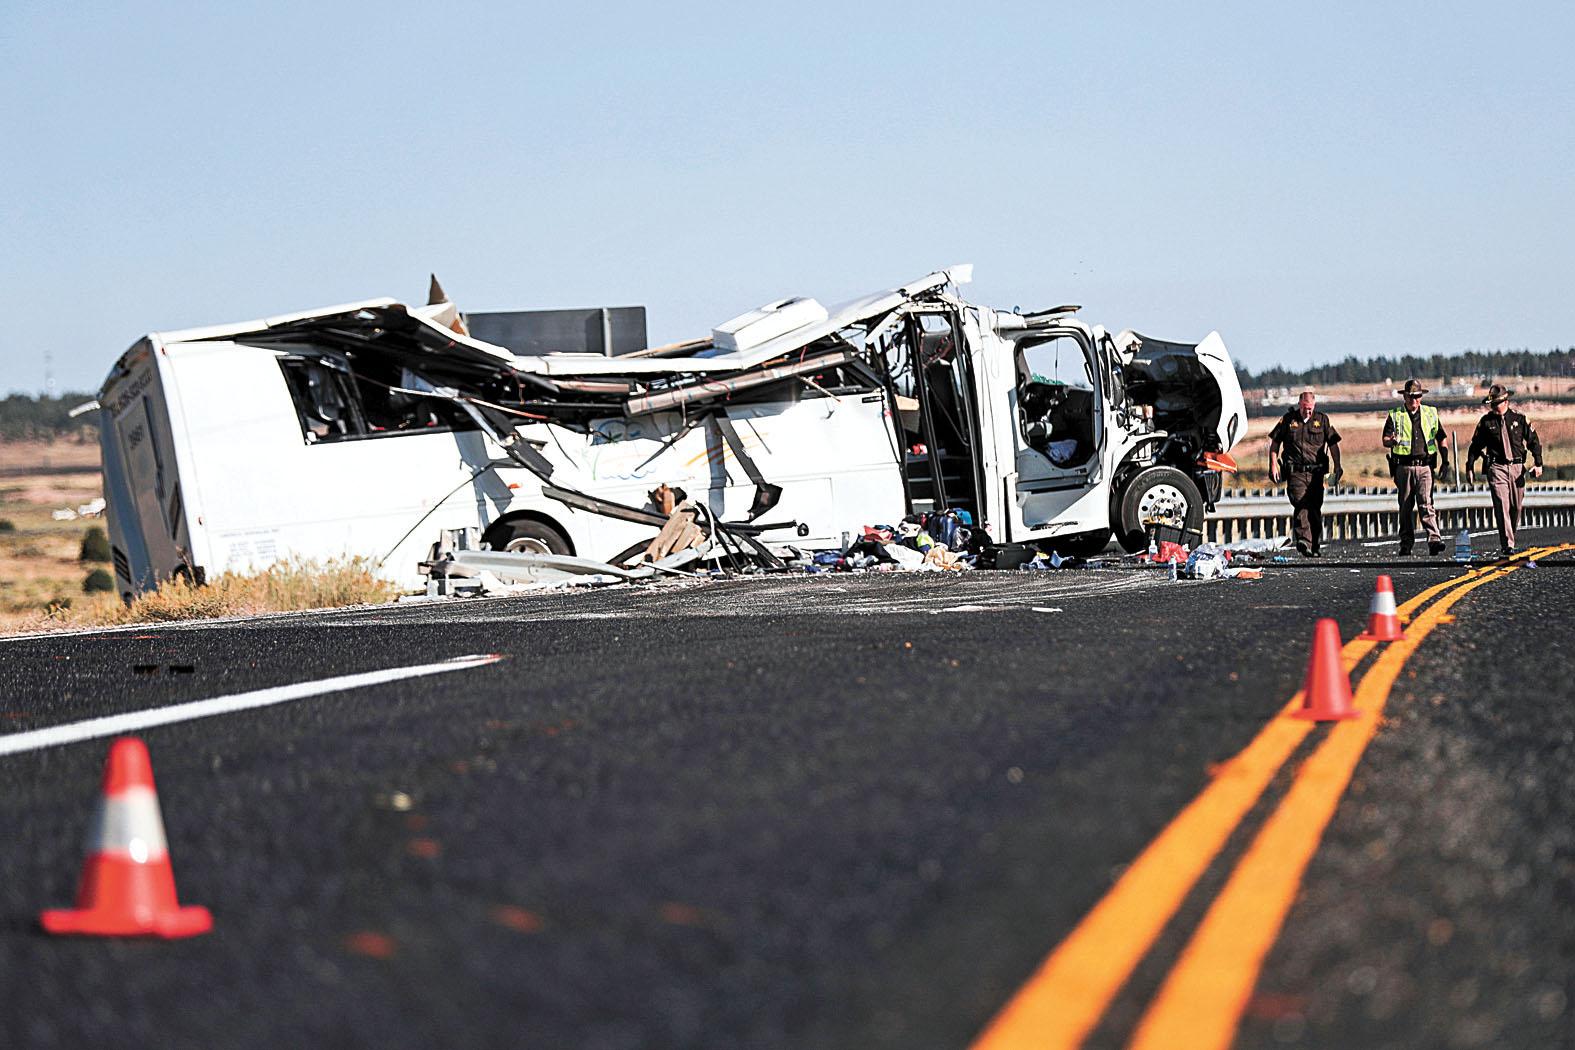 圖為旅遊巴毀損嚴重,當局封閉事發路段。美聯社